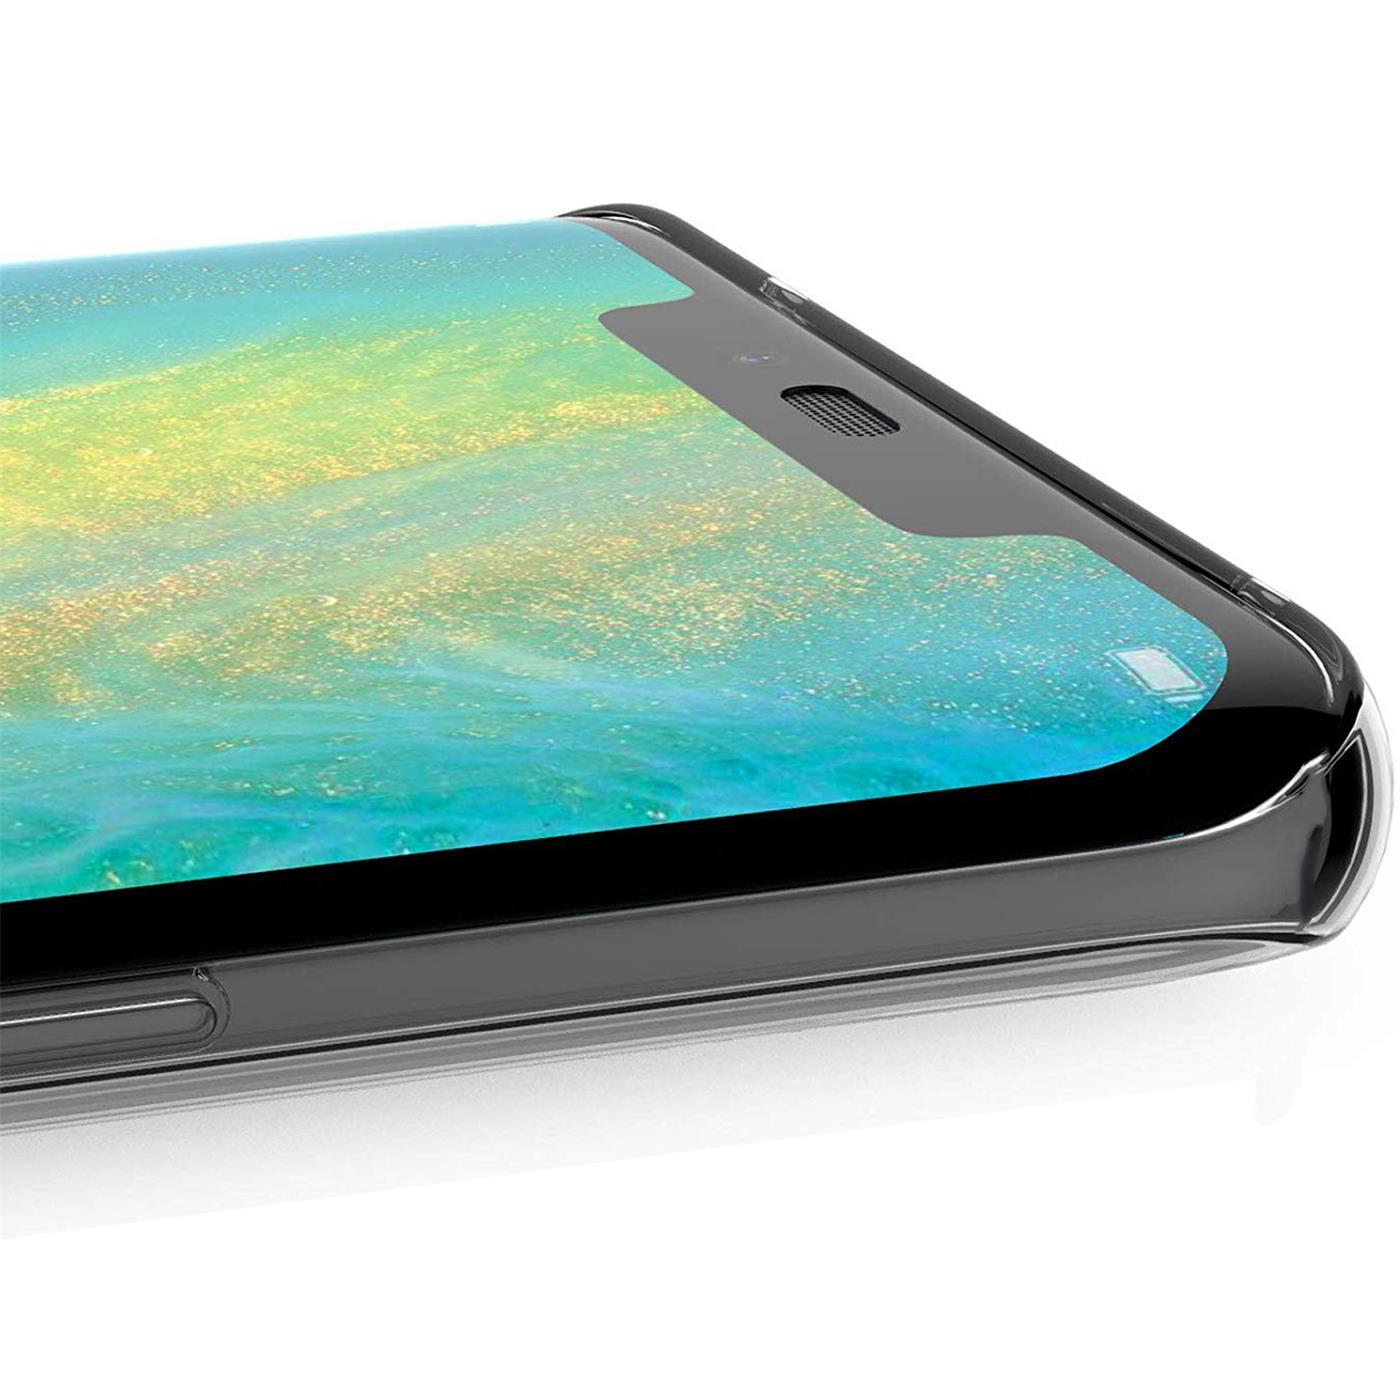 Huawei-P30-Lite-Motiv-Handy-Huelle-Silikon-Tasche-Schutzhuelle-Cover-Slim-TPU-Case Indexbild 14